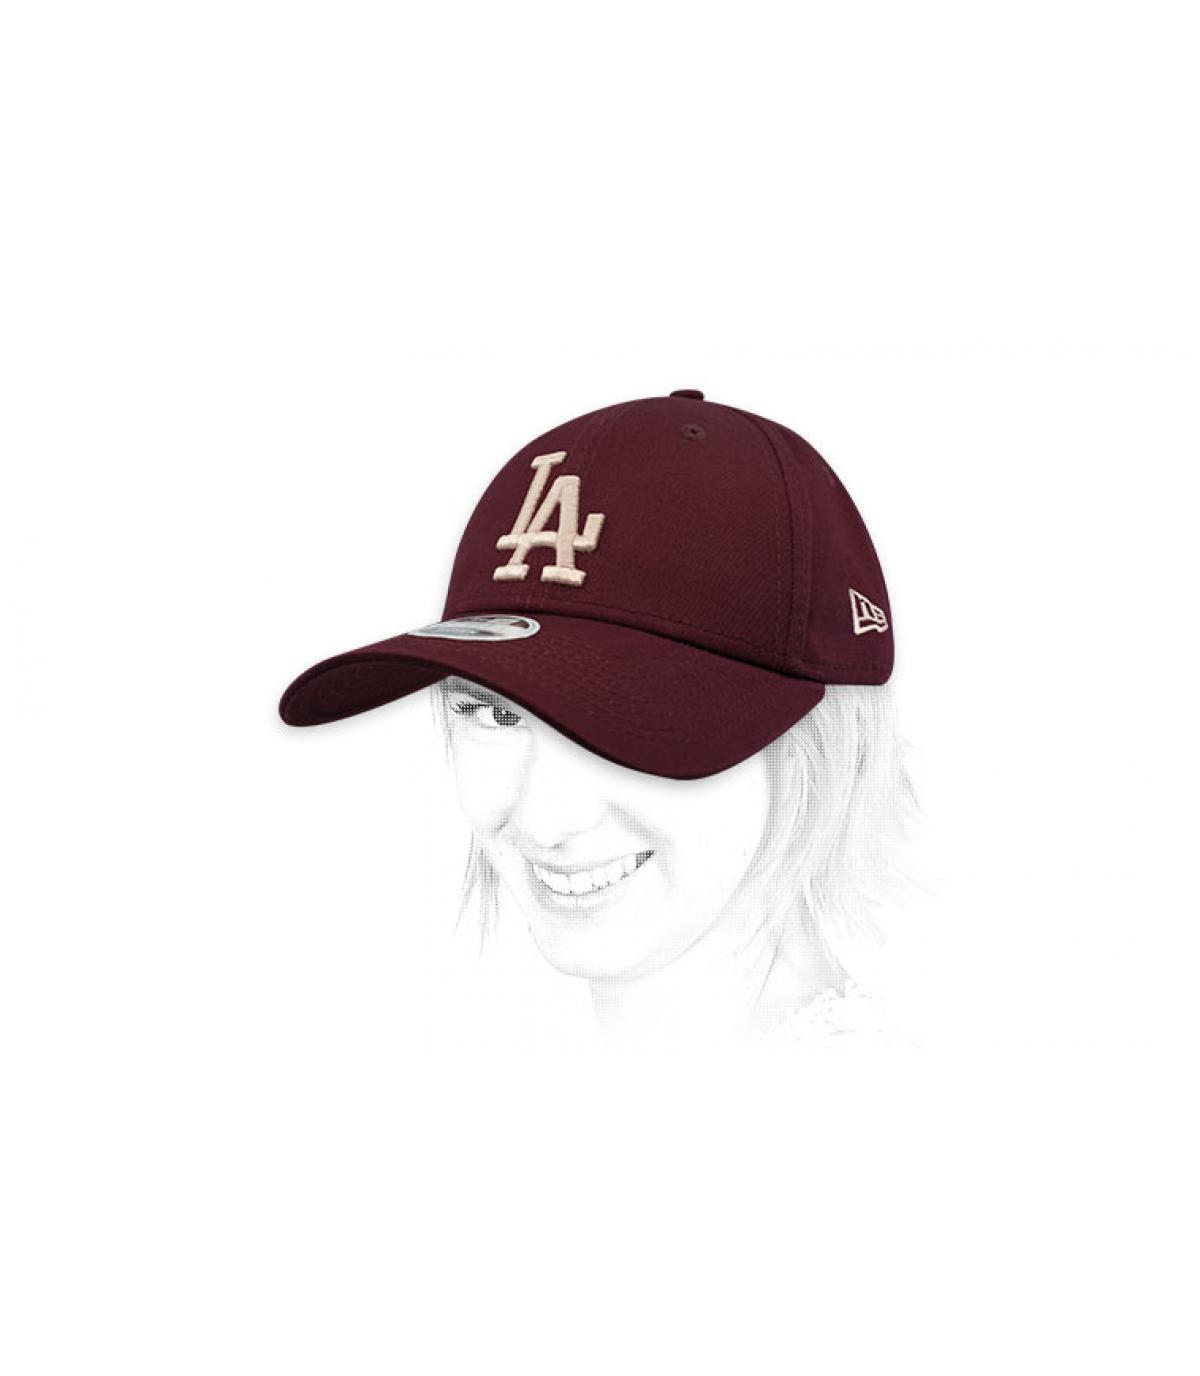 women LA burgundy cap